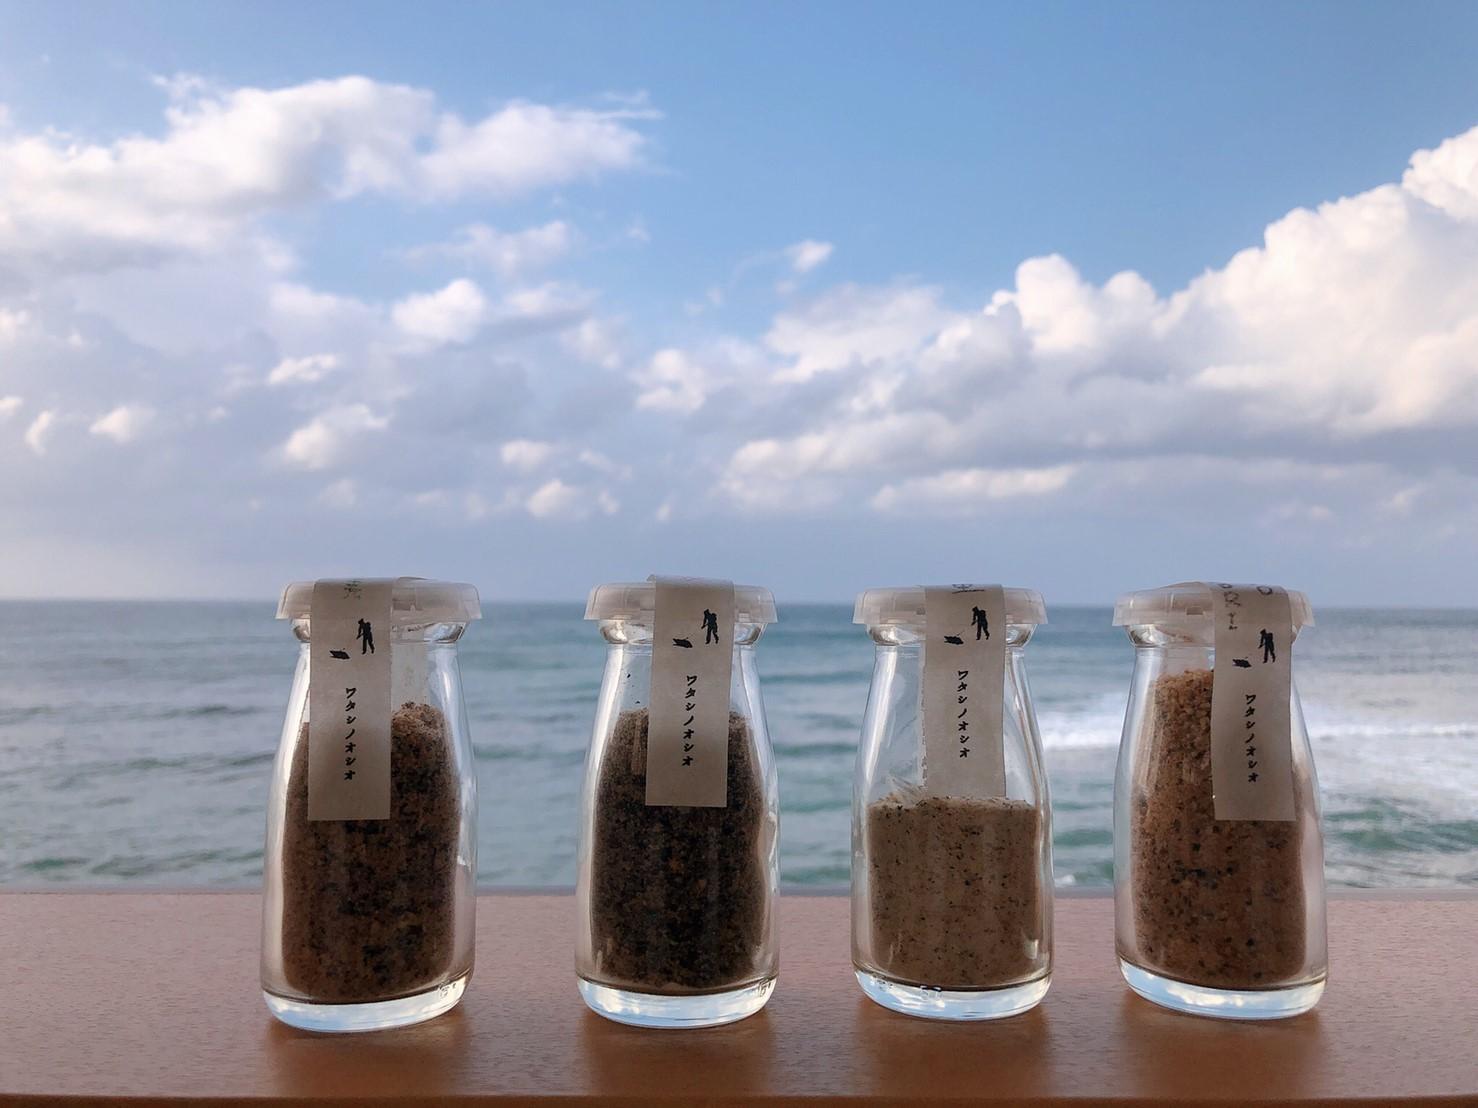 塩の駅 輪島塩|マイ塩ブレンド体験・ワタシオシオ作り